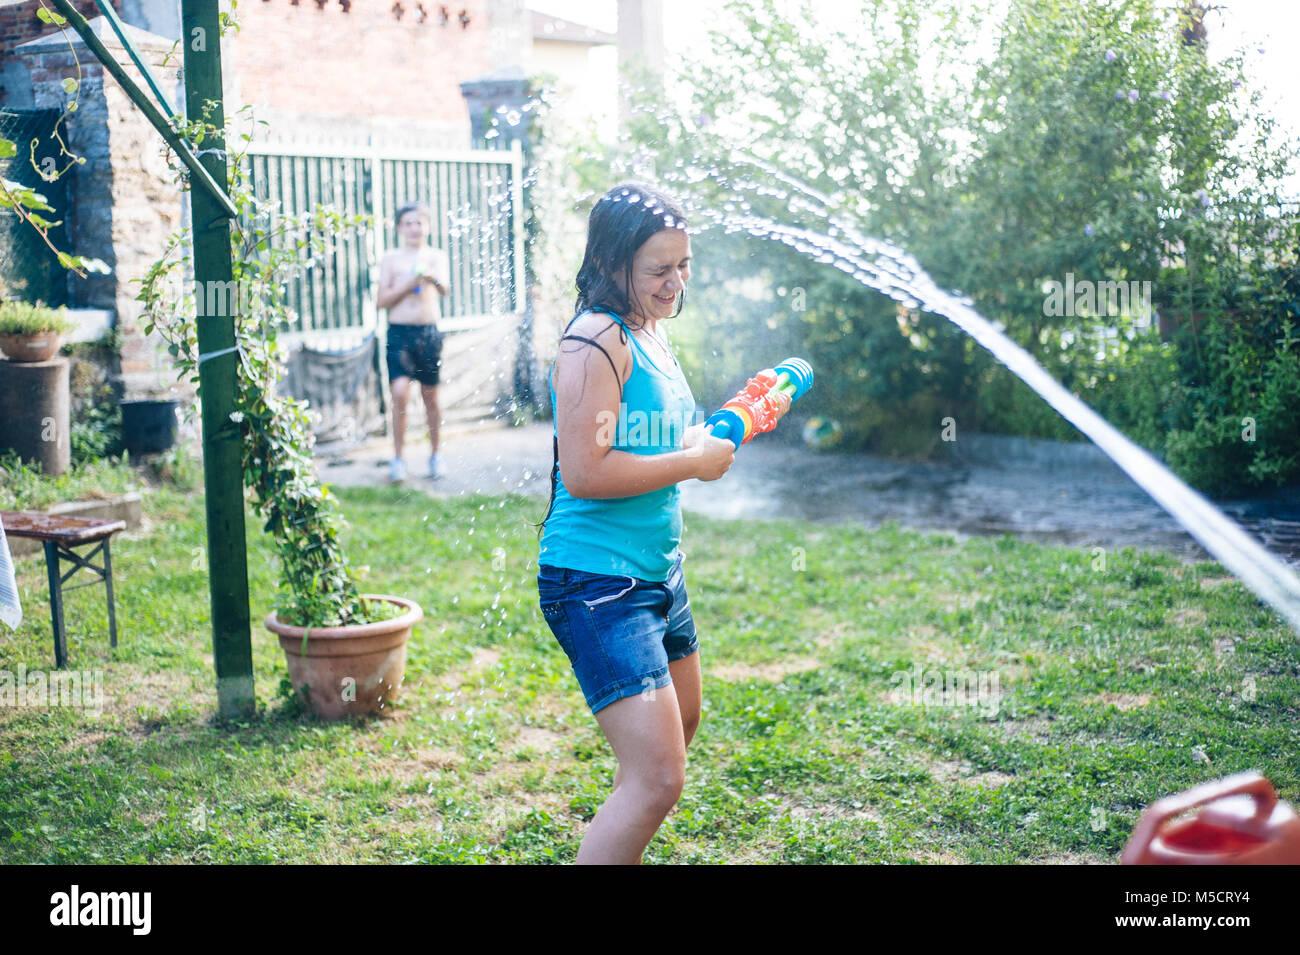 Los niños juegan en el jardín con pistolas y rifles de agua en un día soleado de verano teniendo Imagen De Stock